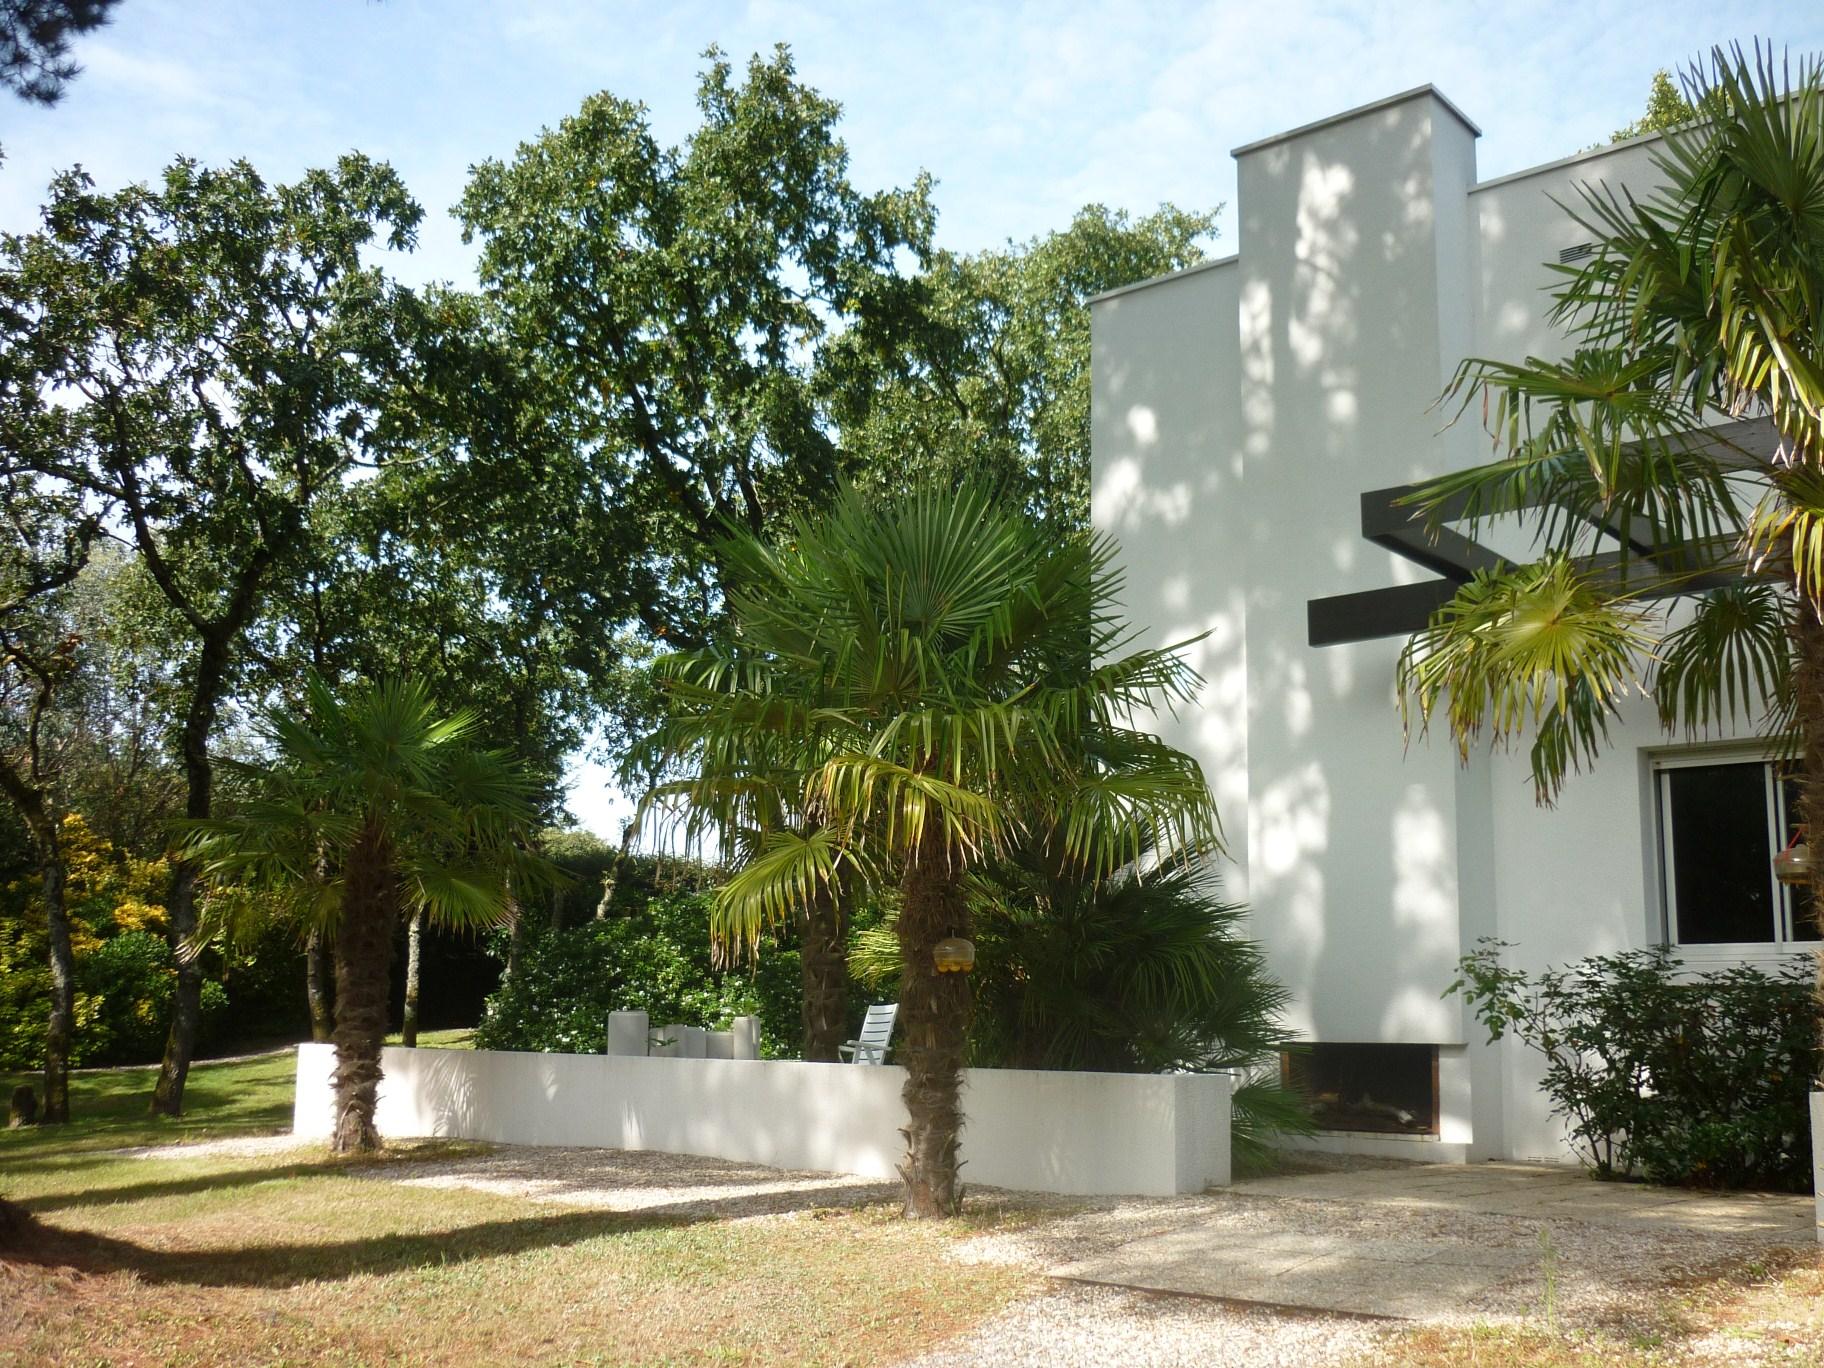 Single Family Home for Sale at VILLA FLORIDE Other Pays De La Loire, Pays De La Loire 44360 France